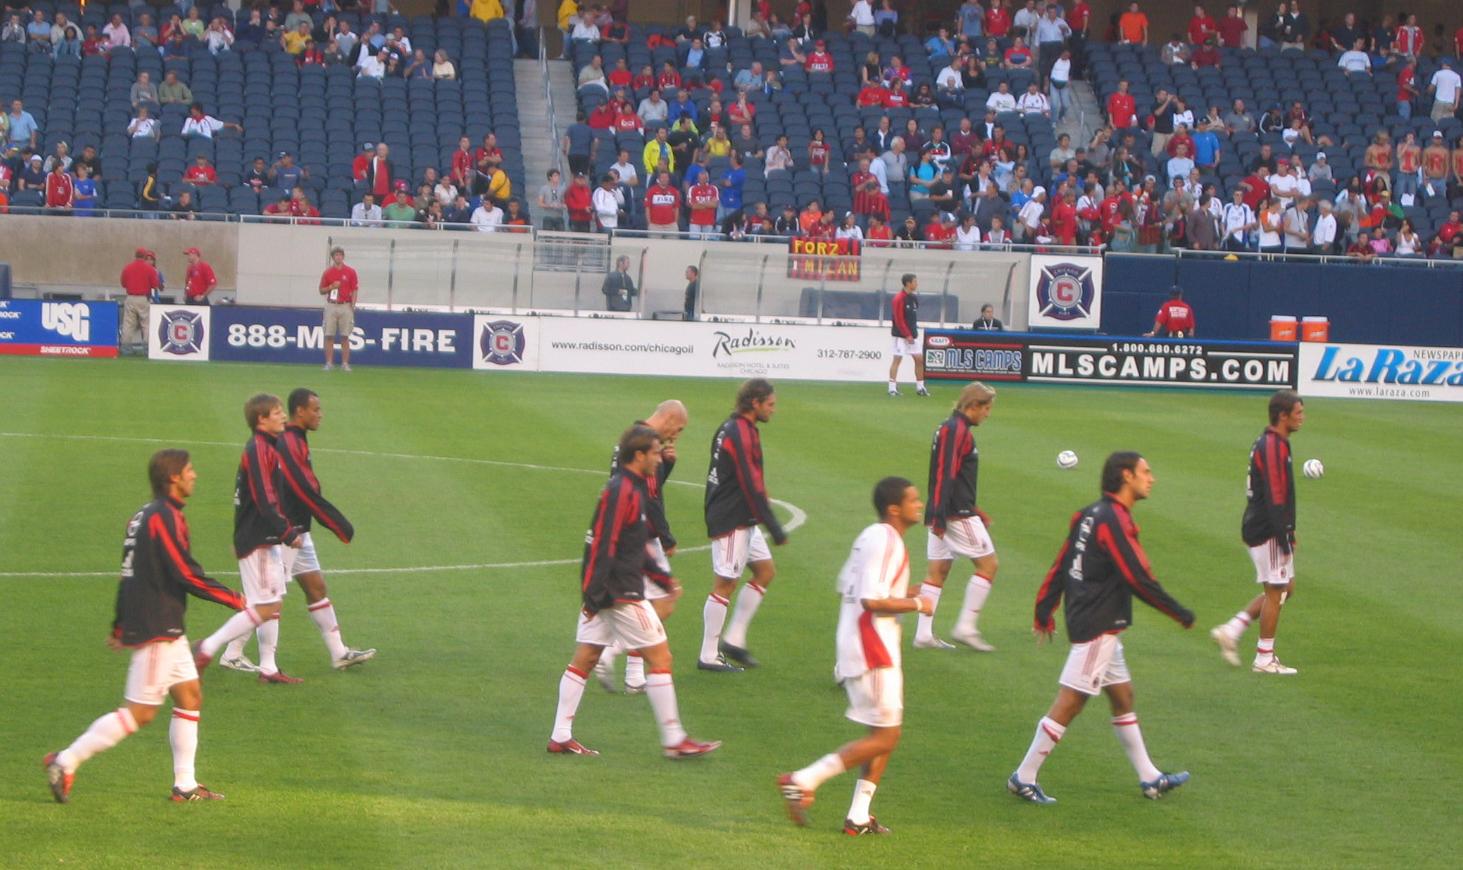 Europeiska fotbollsklubbar med många fans – AC Milan